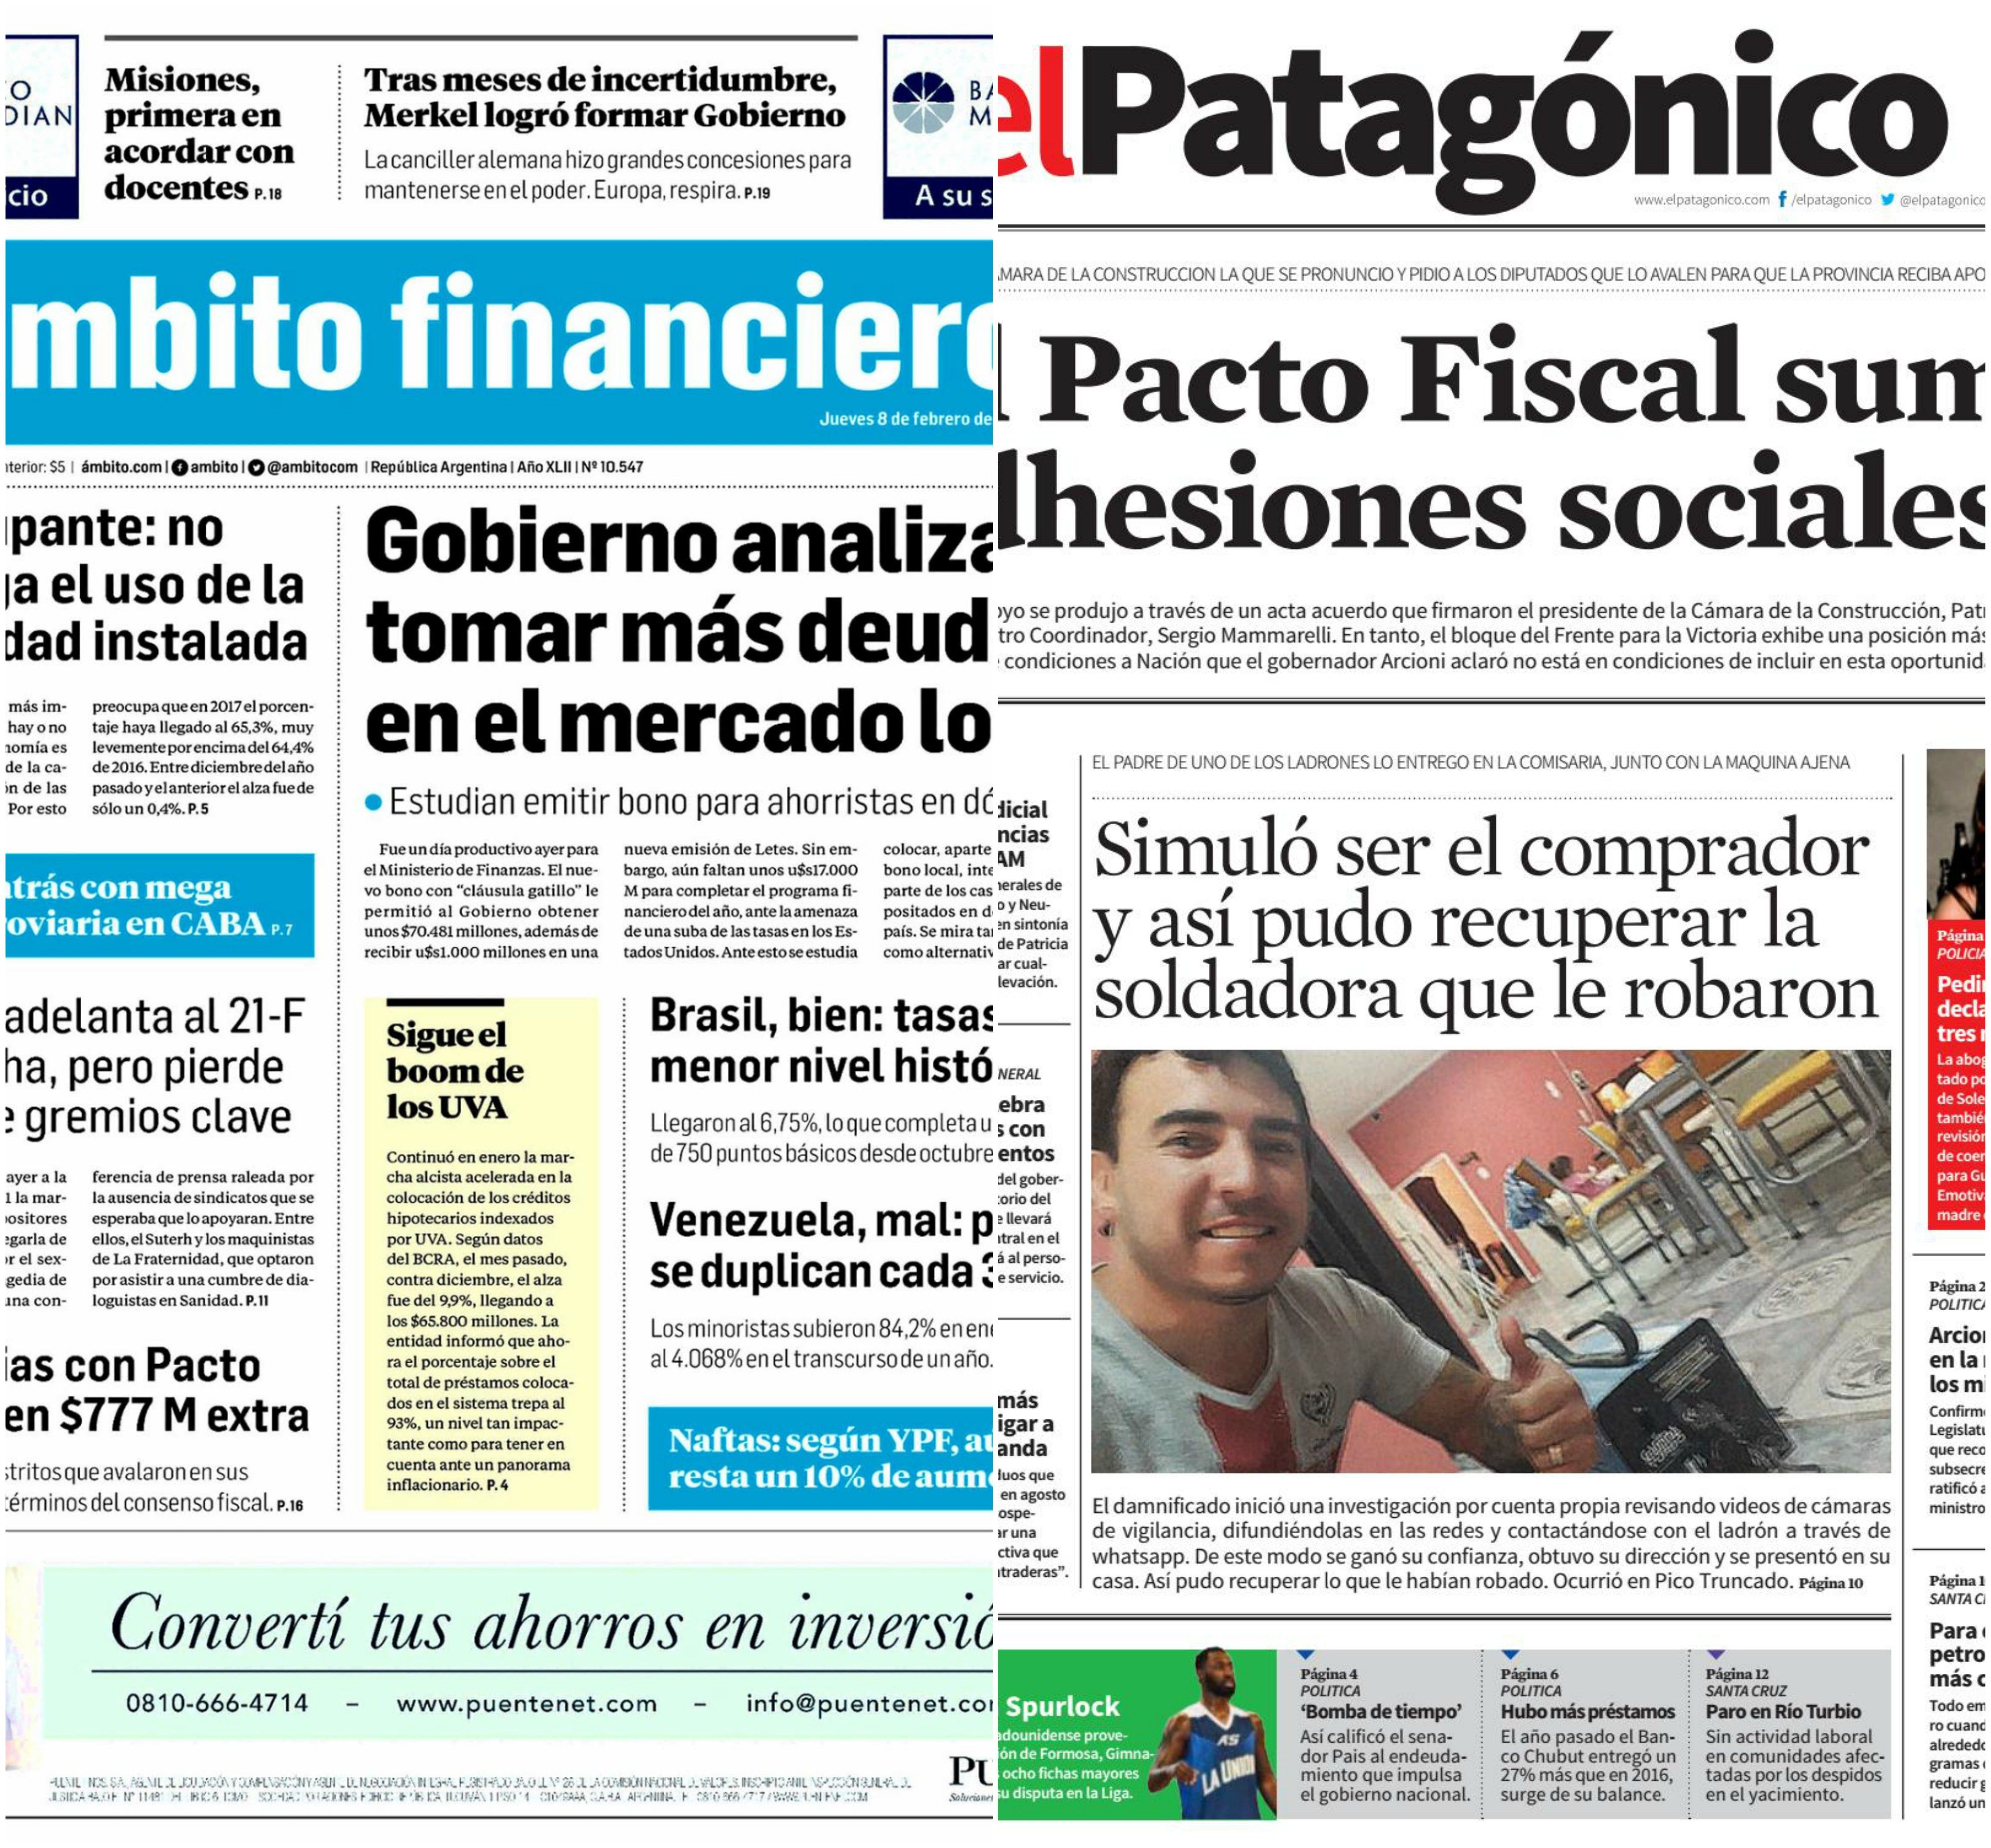 Tapas de diarios del jueves 8 de febrero de 2018